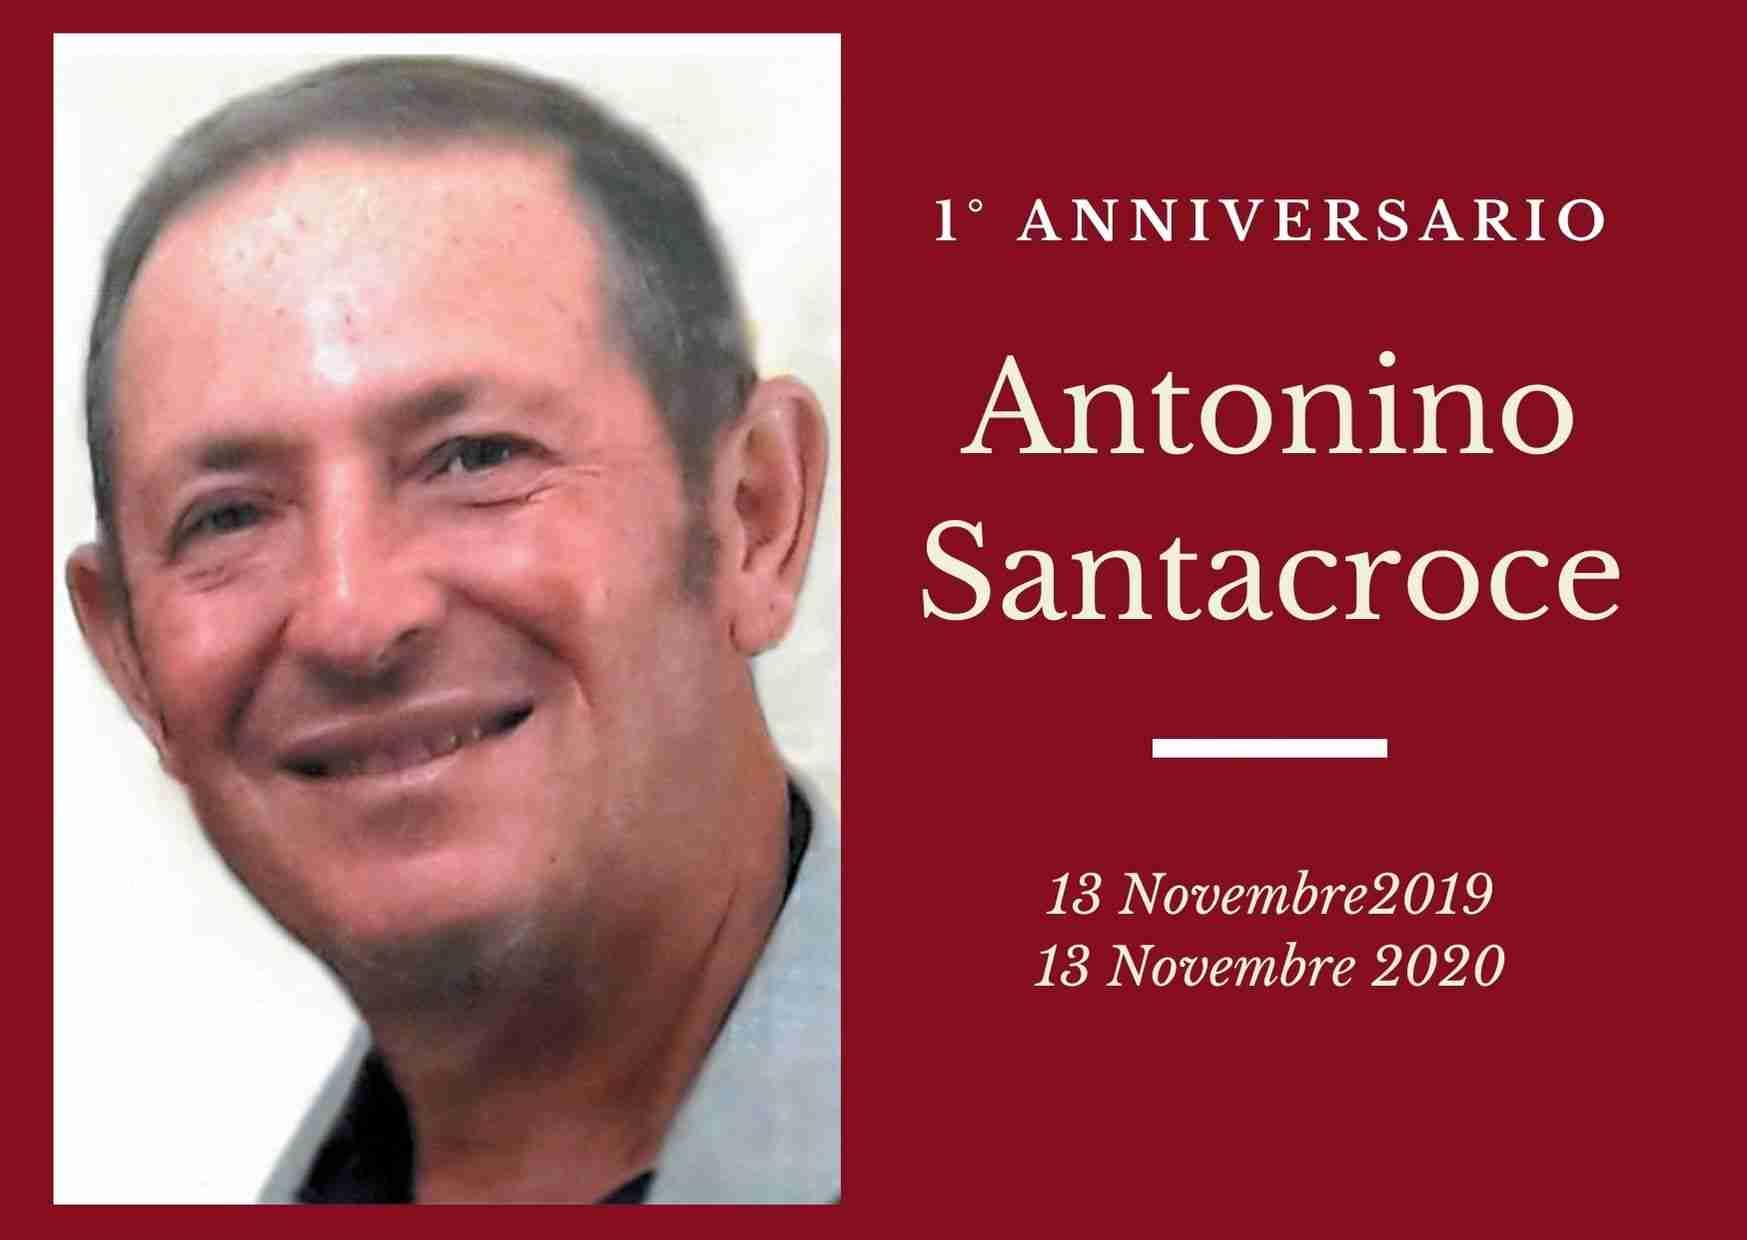 Necrologio: ricorre oggi il 1° anniversario di Antonino Santacroce